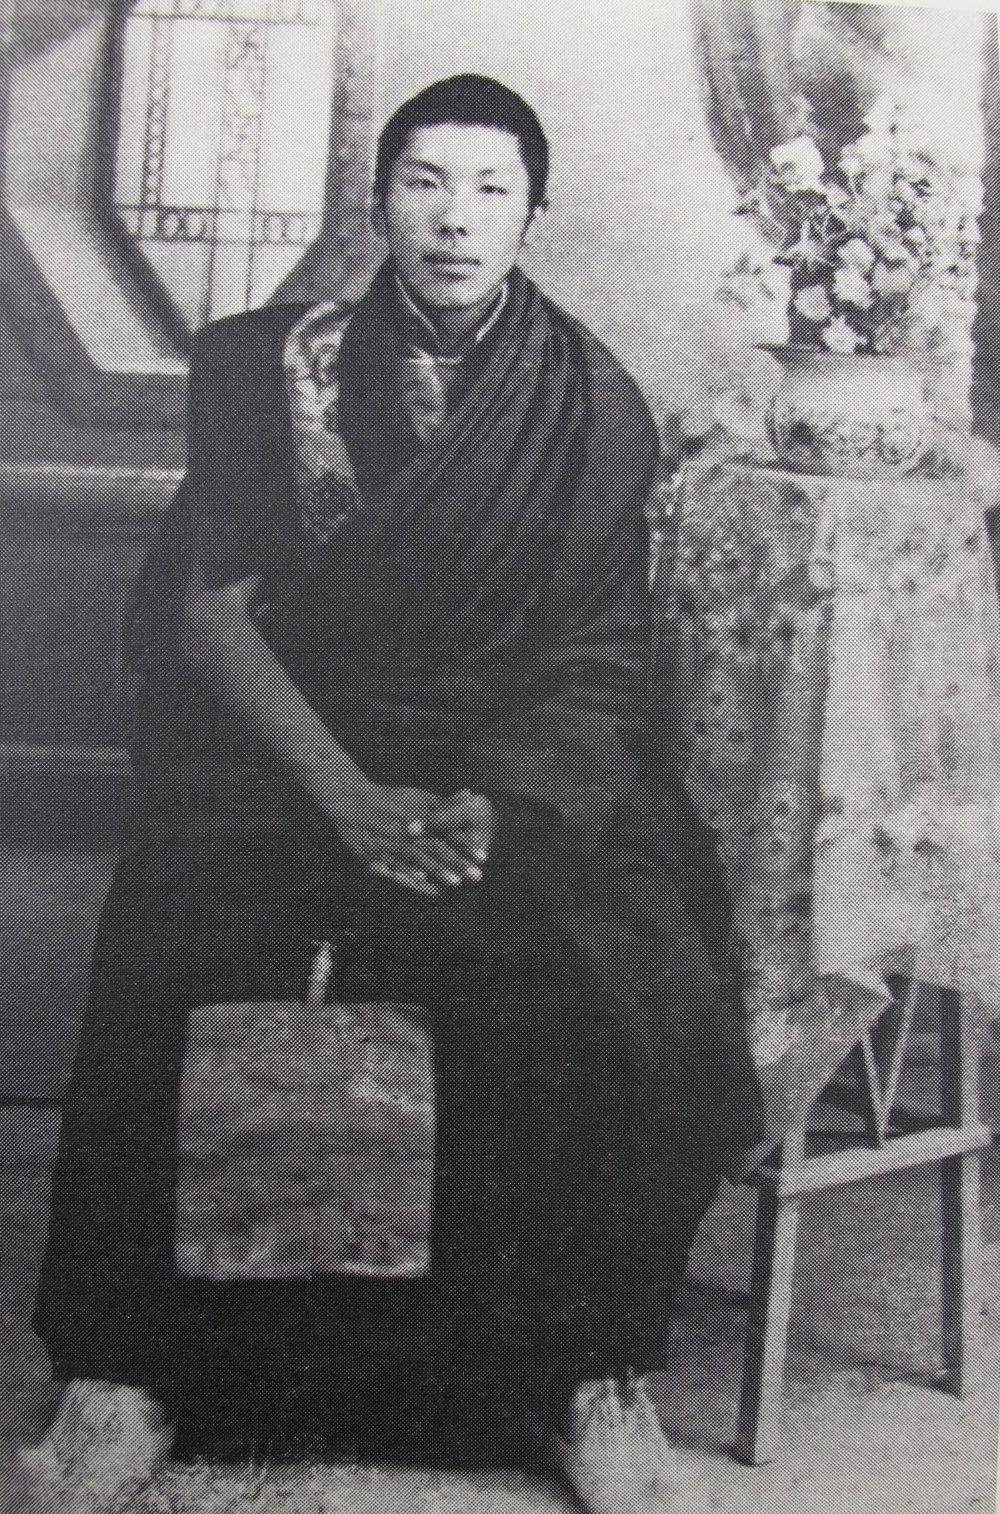 Chogyam Trungpa,18